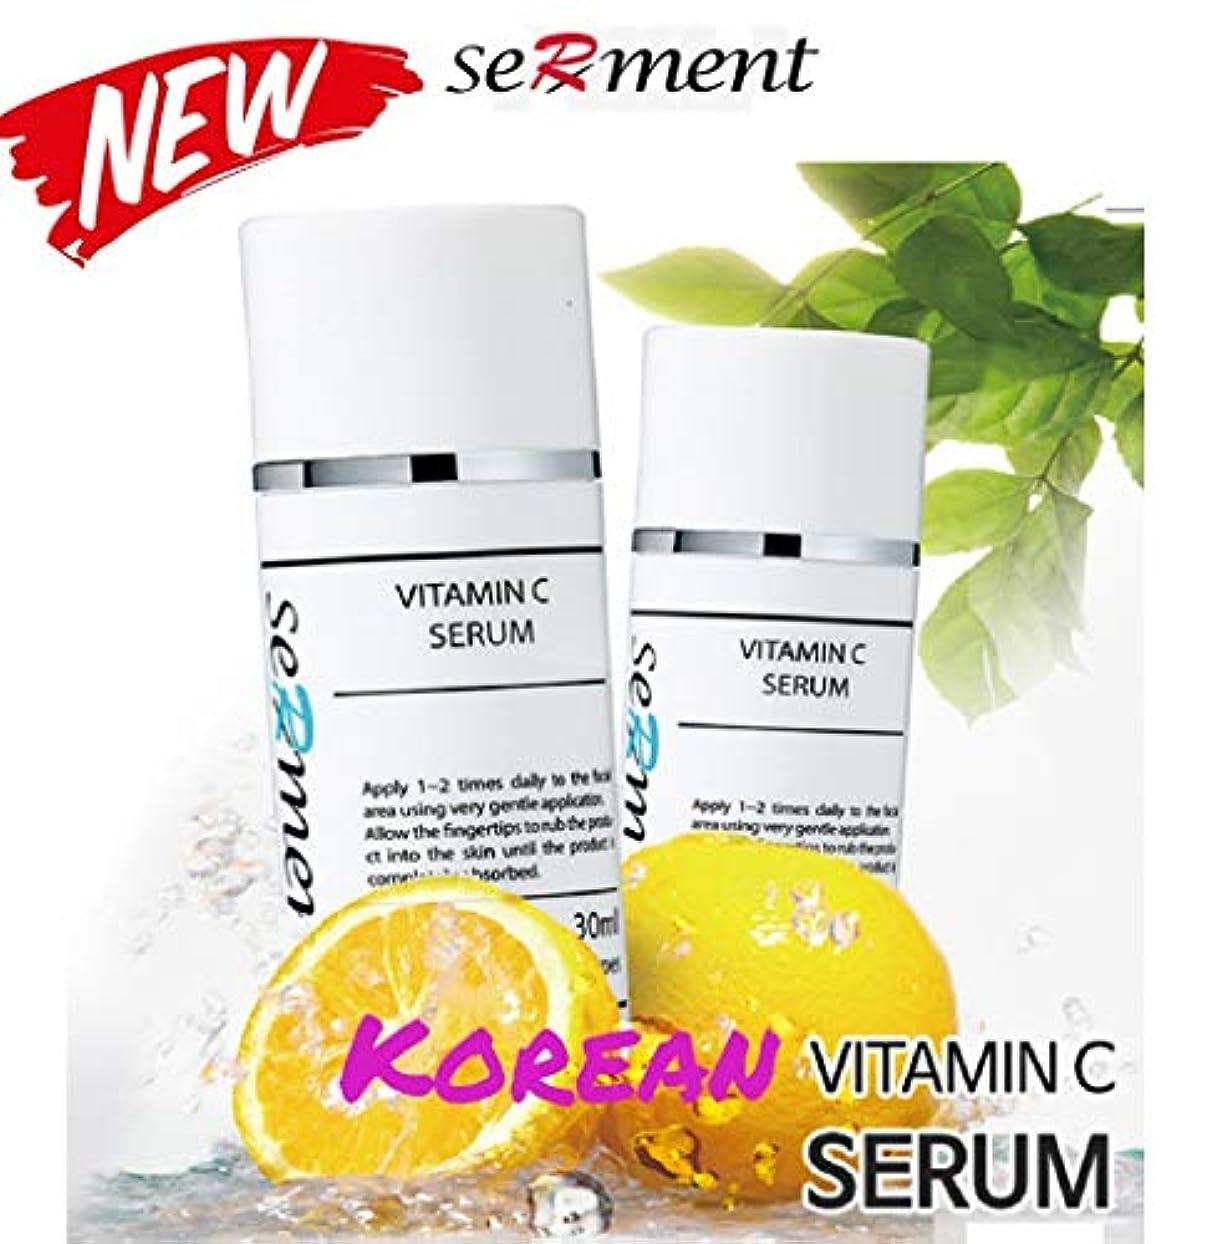 密度反響する式Korean Cosmetics Serment Vitamin C serum ビタミンC セラムアスコルビン酸10ビタミン植物抽出物、ASL吸収、ブライトニング効果 韓国化粧品 [海外直送品] [並行輸入品]